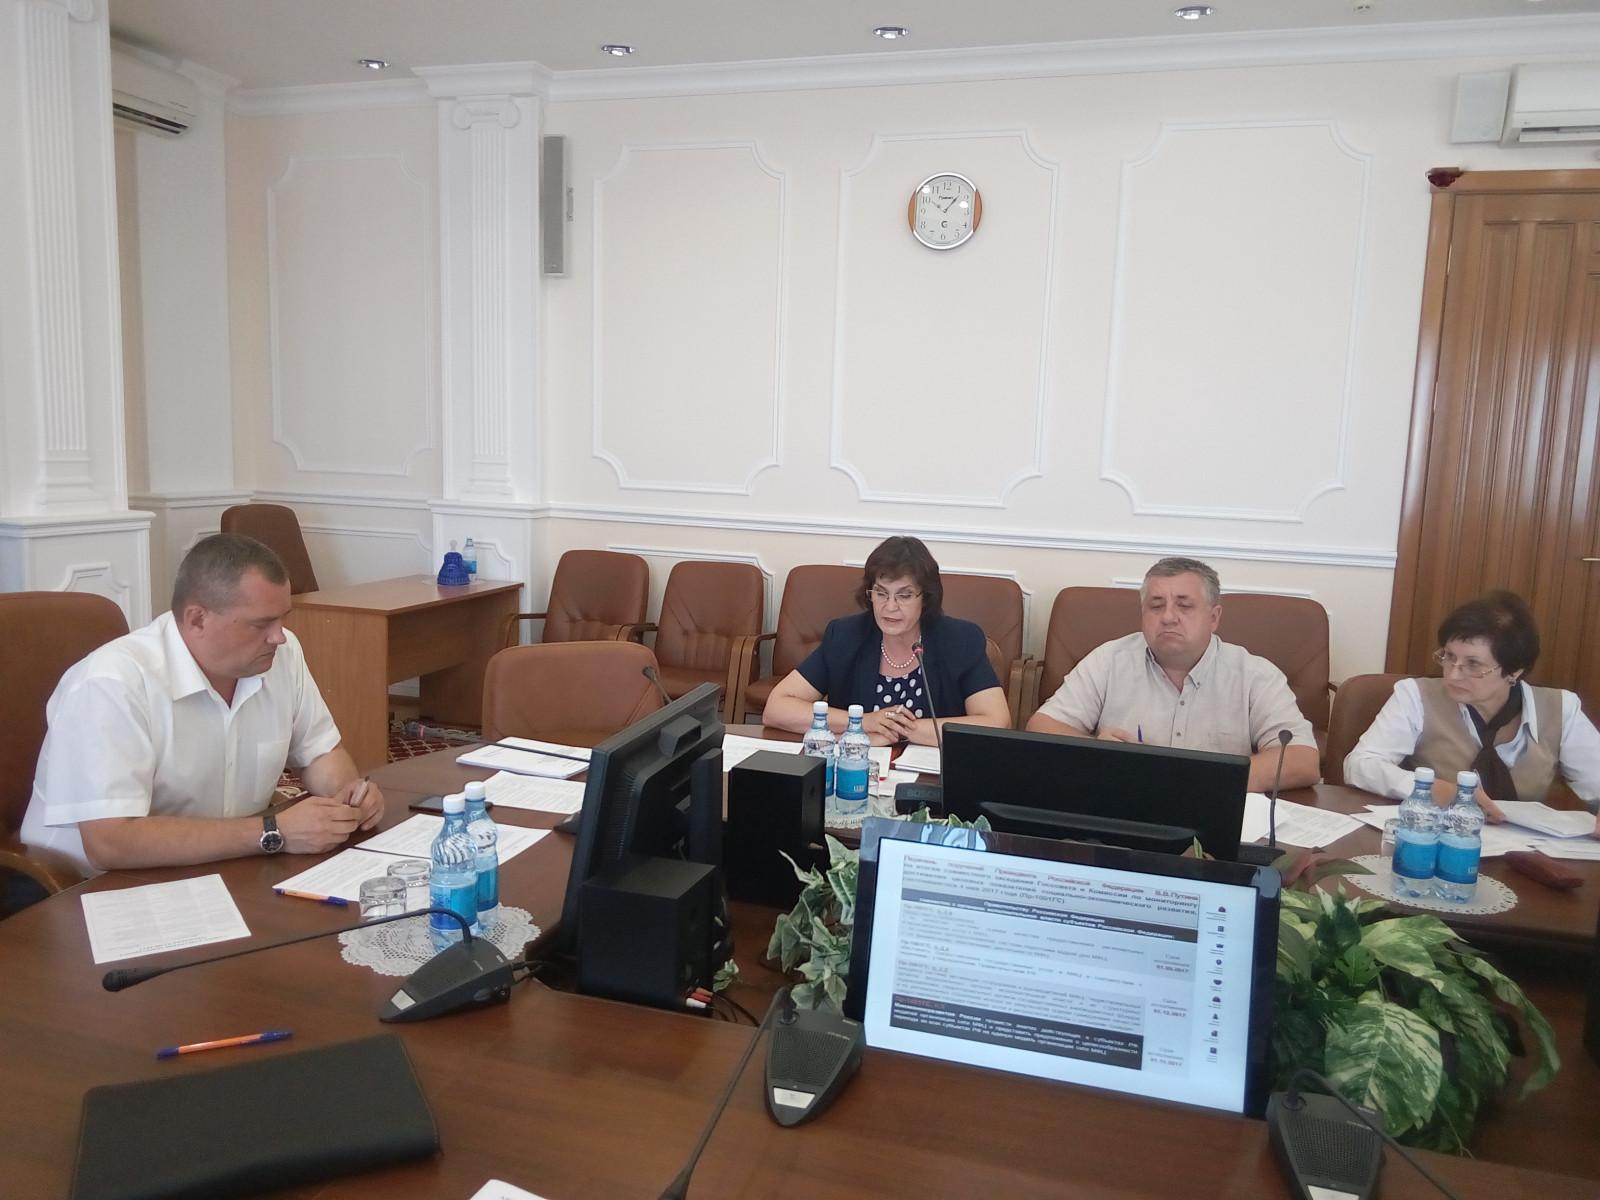 Новые задачи работы МФЦ обсудили на комиссии администрации области по повышению качества и доступности предоставления государственных и муниципальных услуг